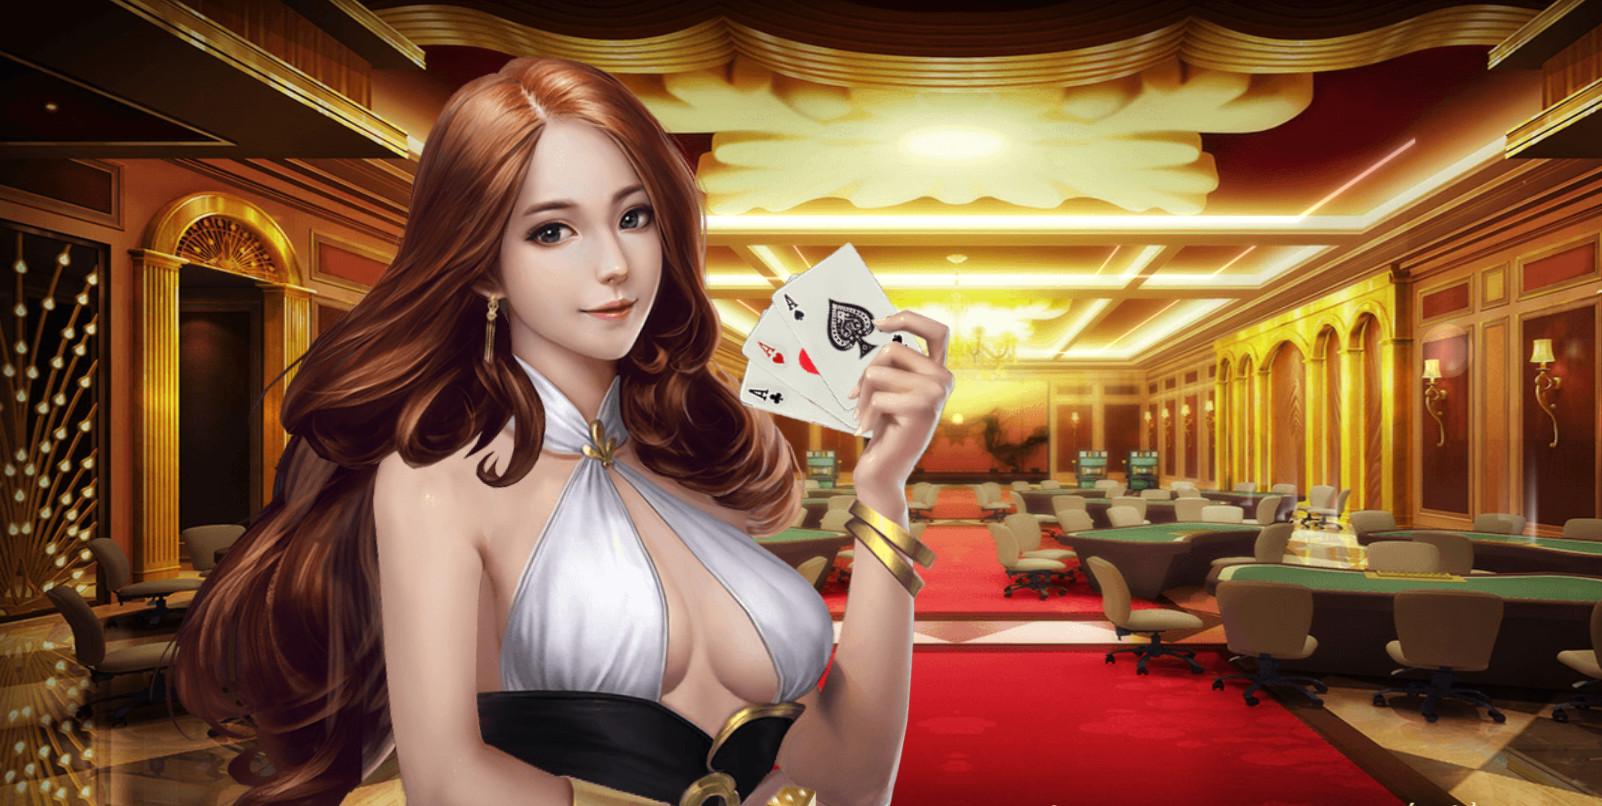 Giao diện sảnh game bài đổi thưởng ăn tiền thật vô cùng đẹp mắt tại 7ball